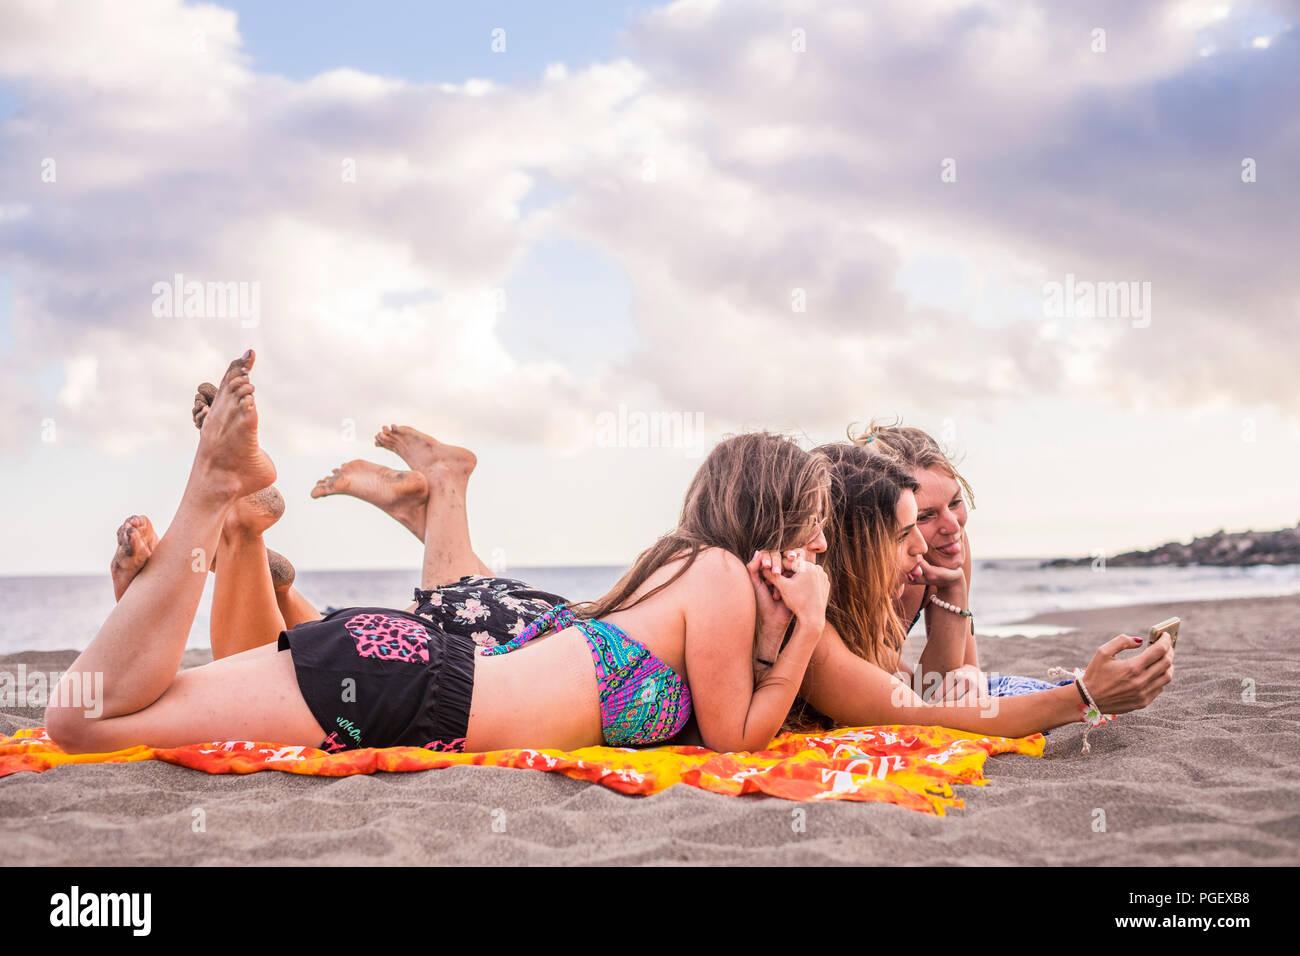 Estate, vacanze, ferie, tecnologia e concetto di felicità - Gruppo del popolo sorridente con occhiali da sole di scattare una foto con lo smartphone sulla spiaggia. happin Foto Stock